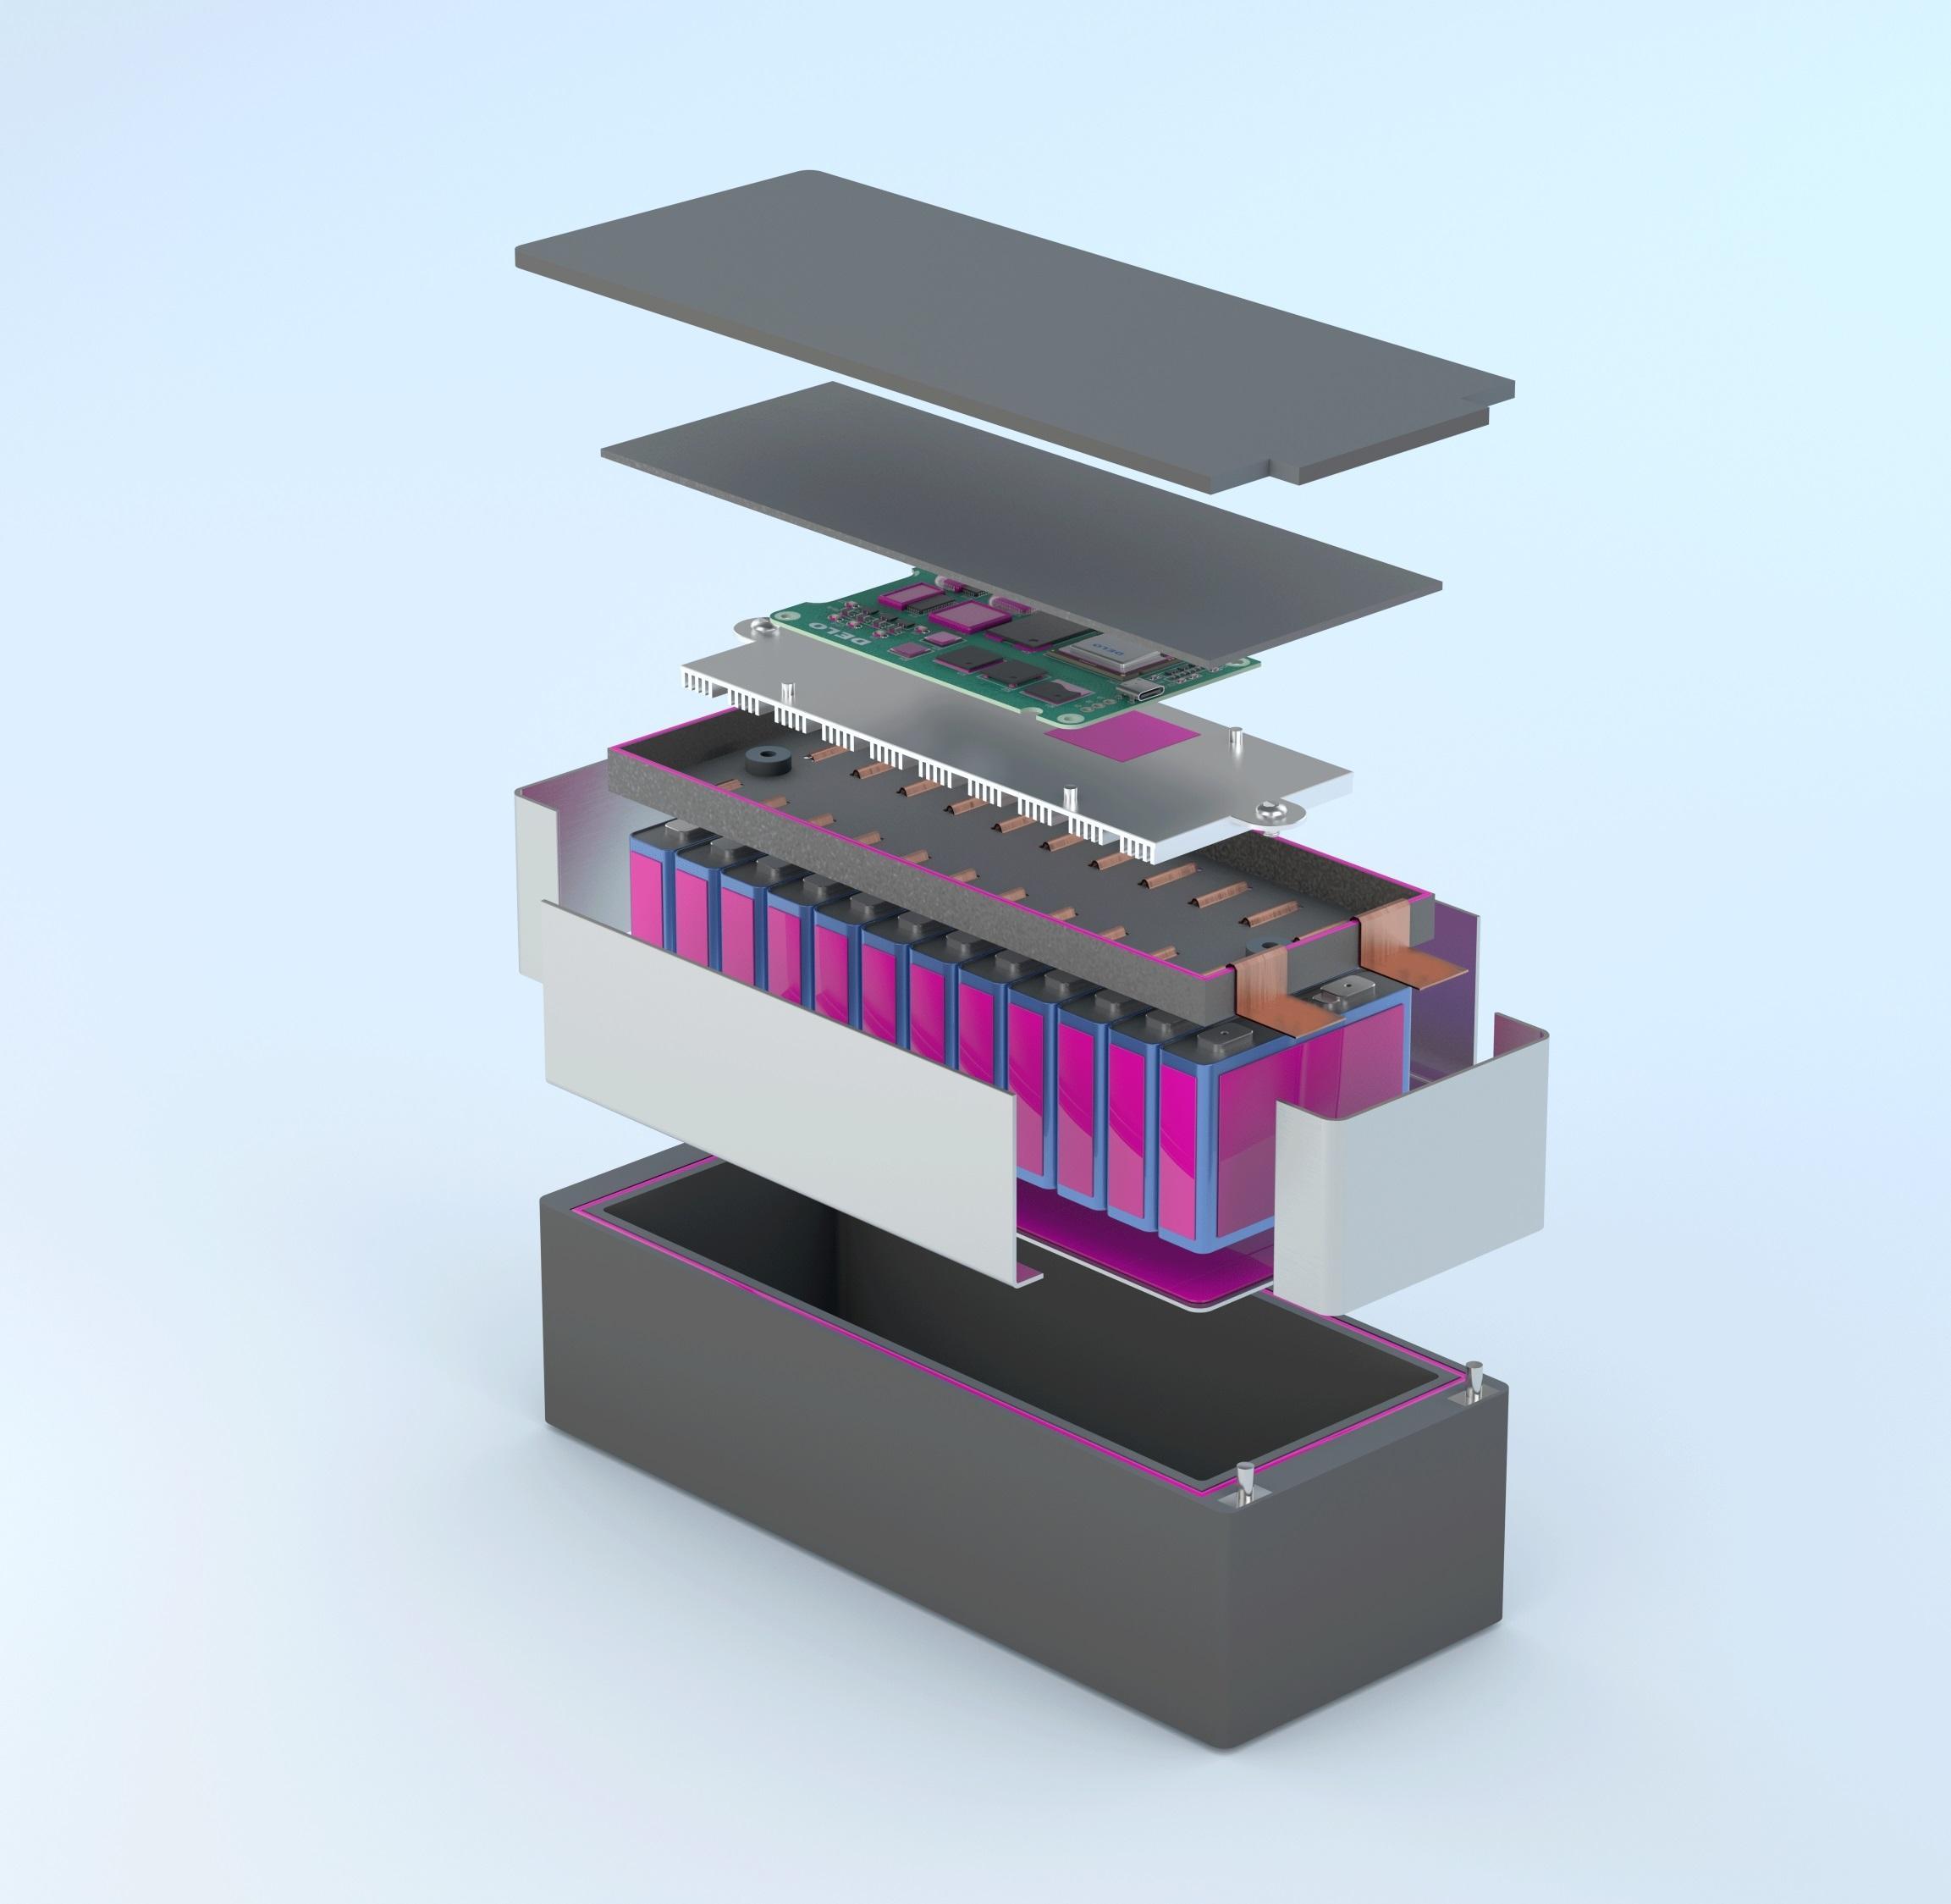 Keo dán tản nhiệt cho pin litium – ion trong xe điện: DELO-DUOPOX TC8686